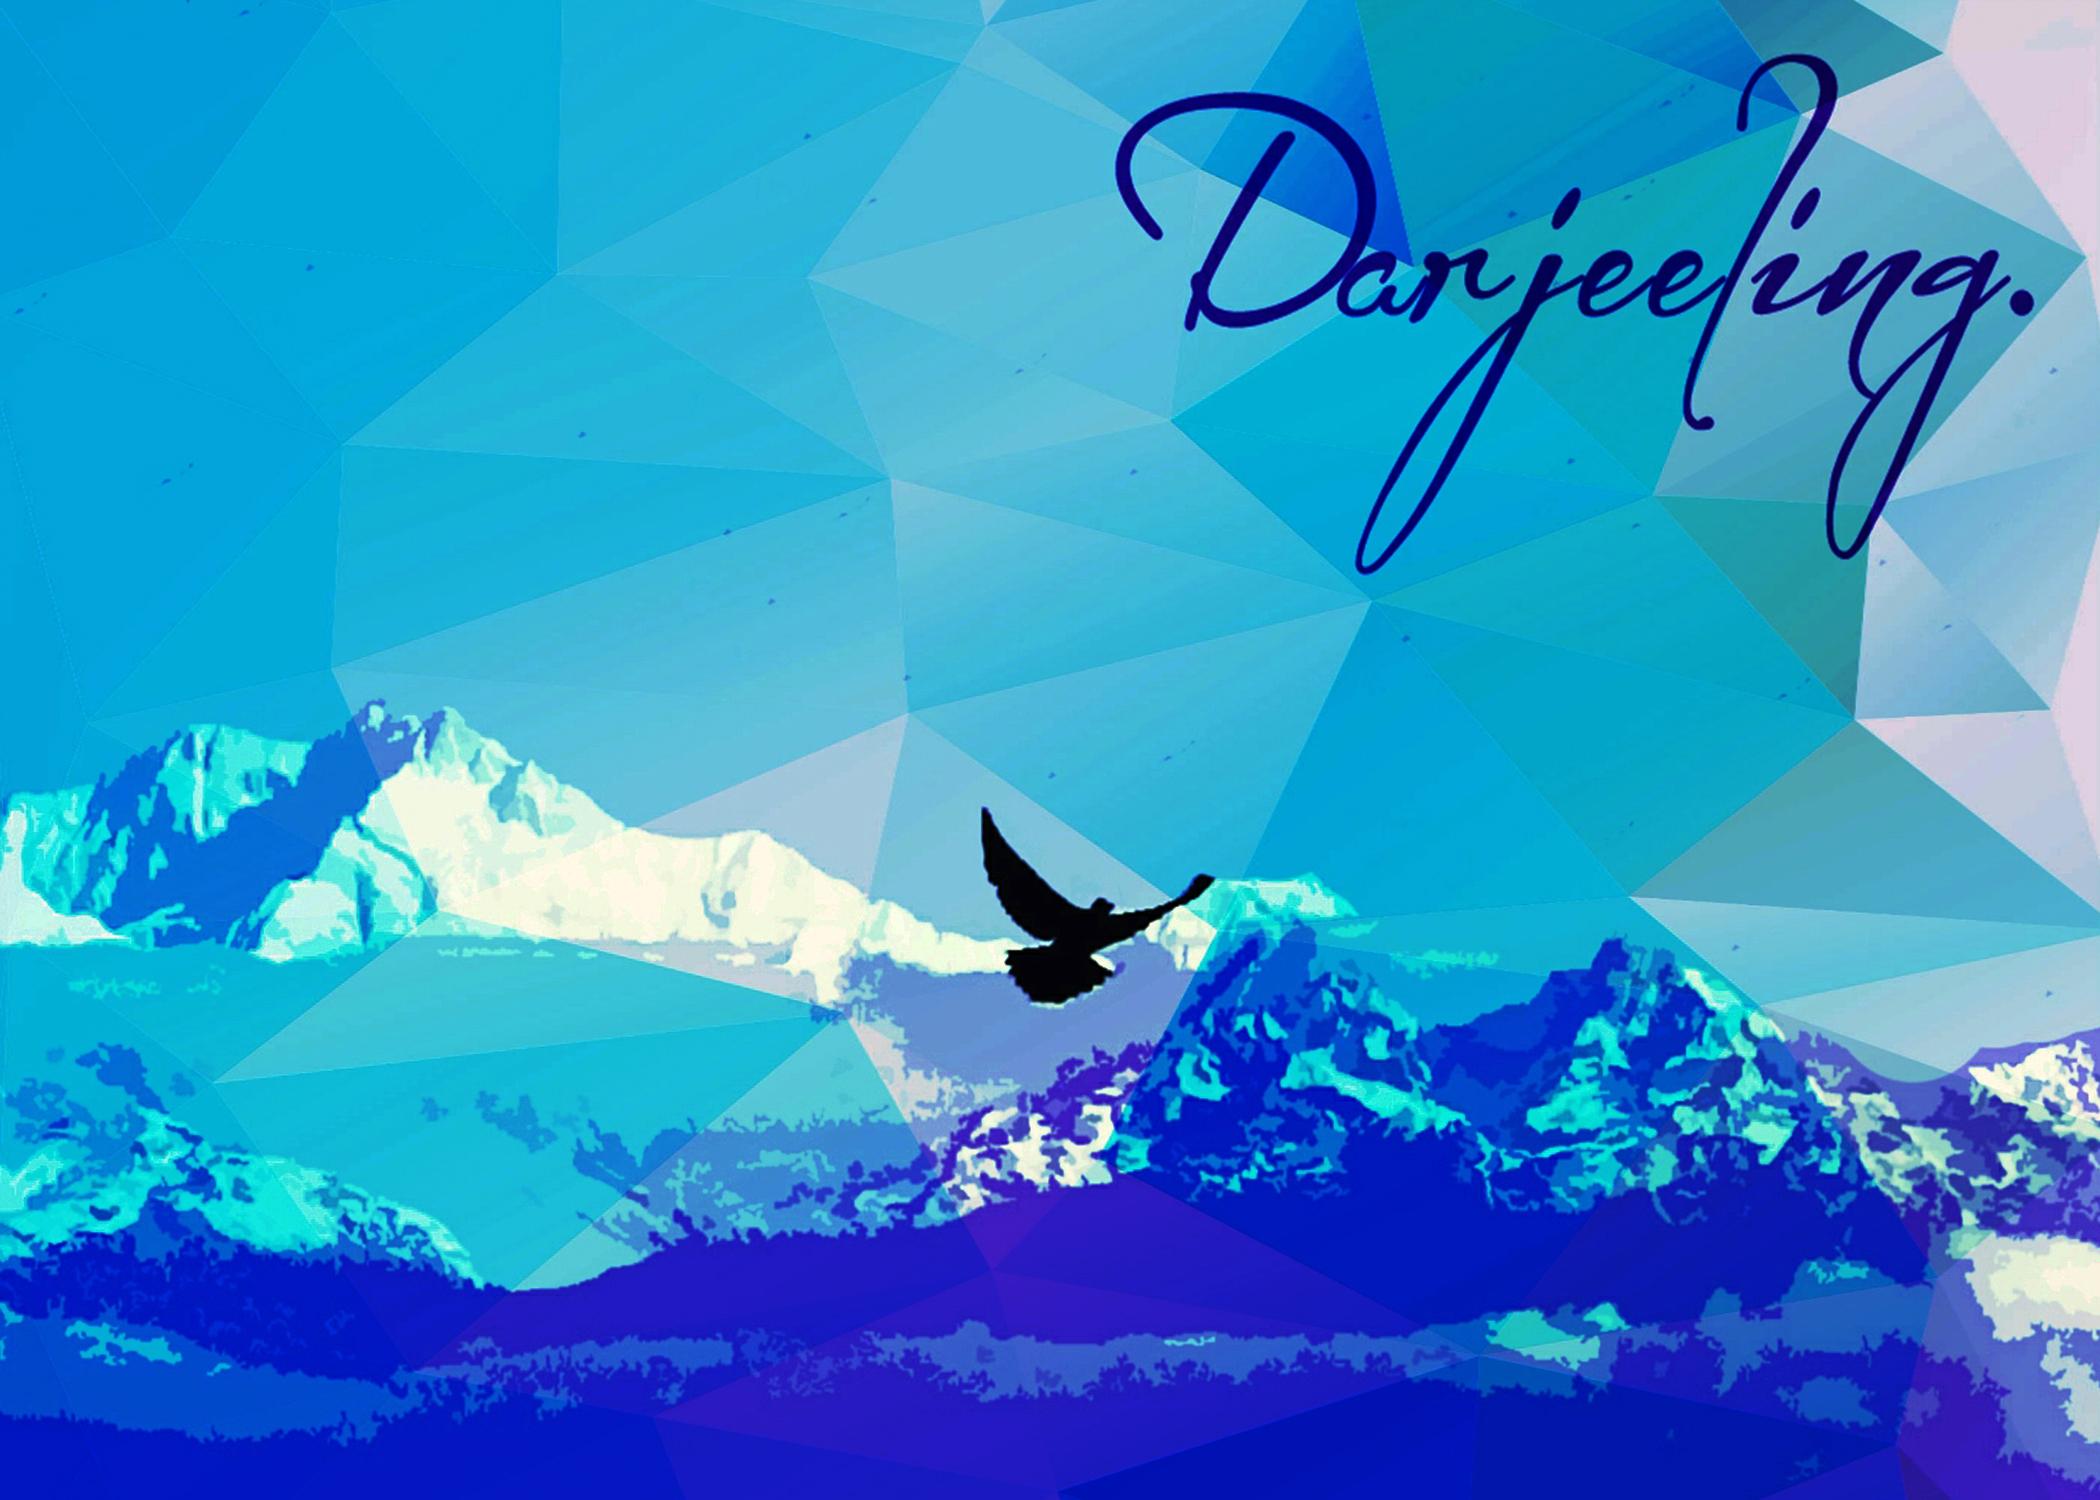 Darjeeling_Postcard_Front_7x5in